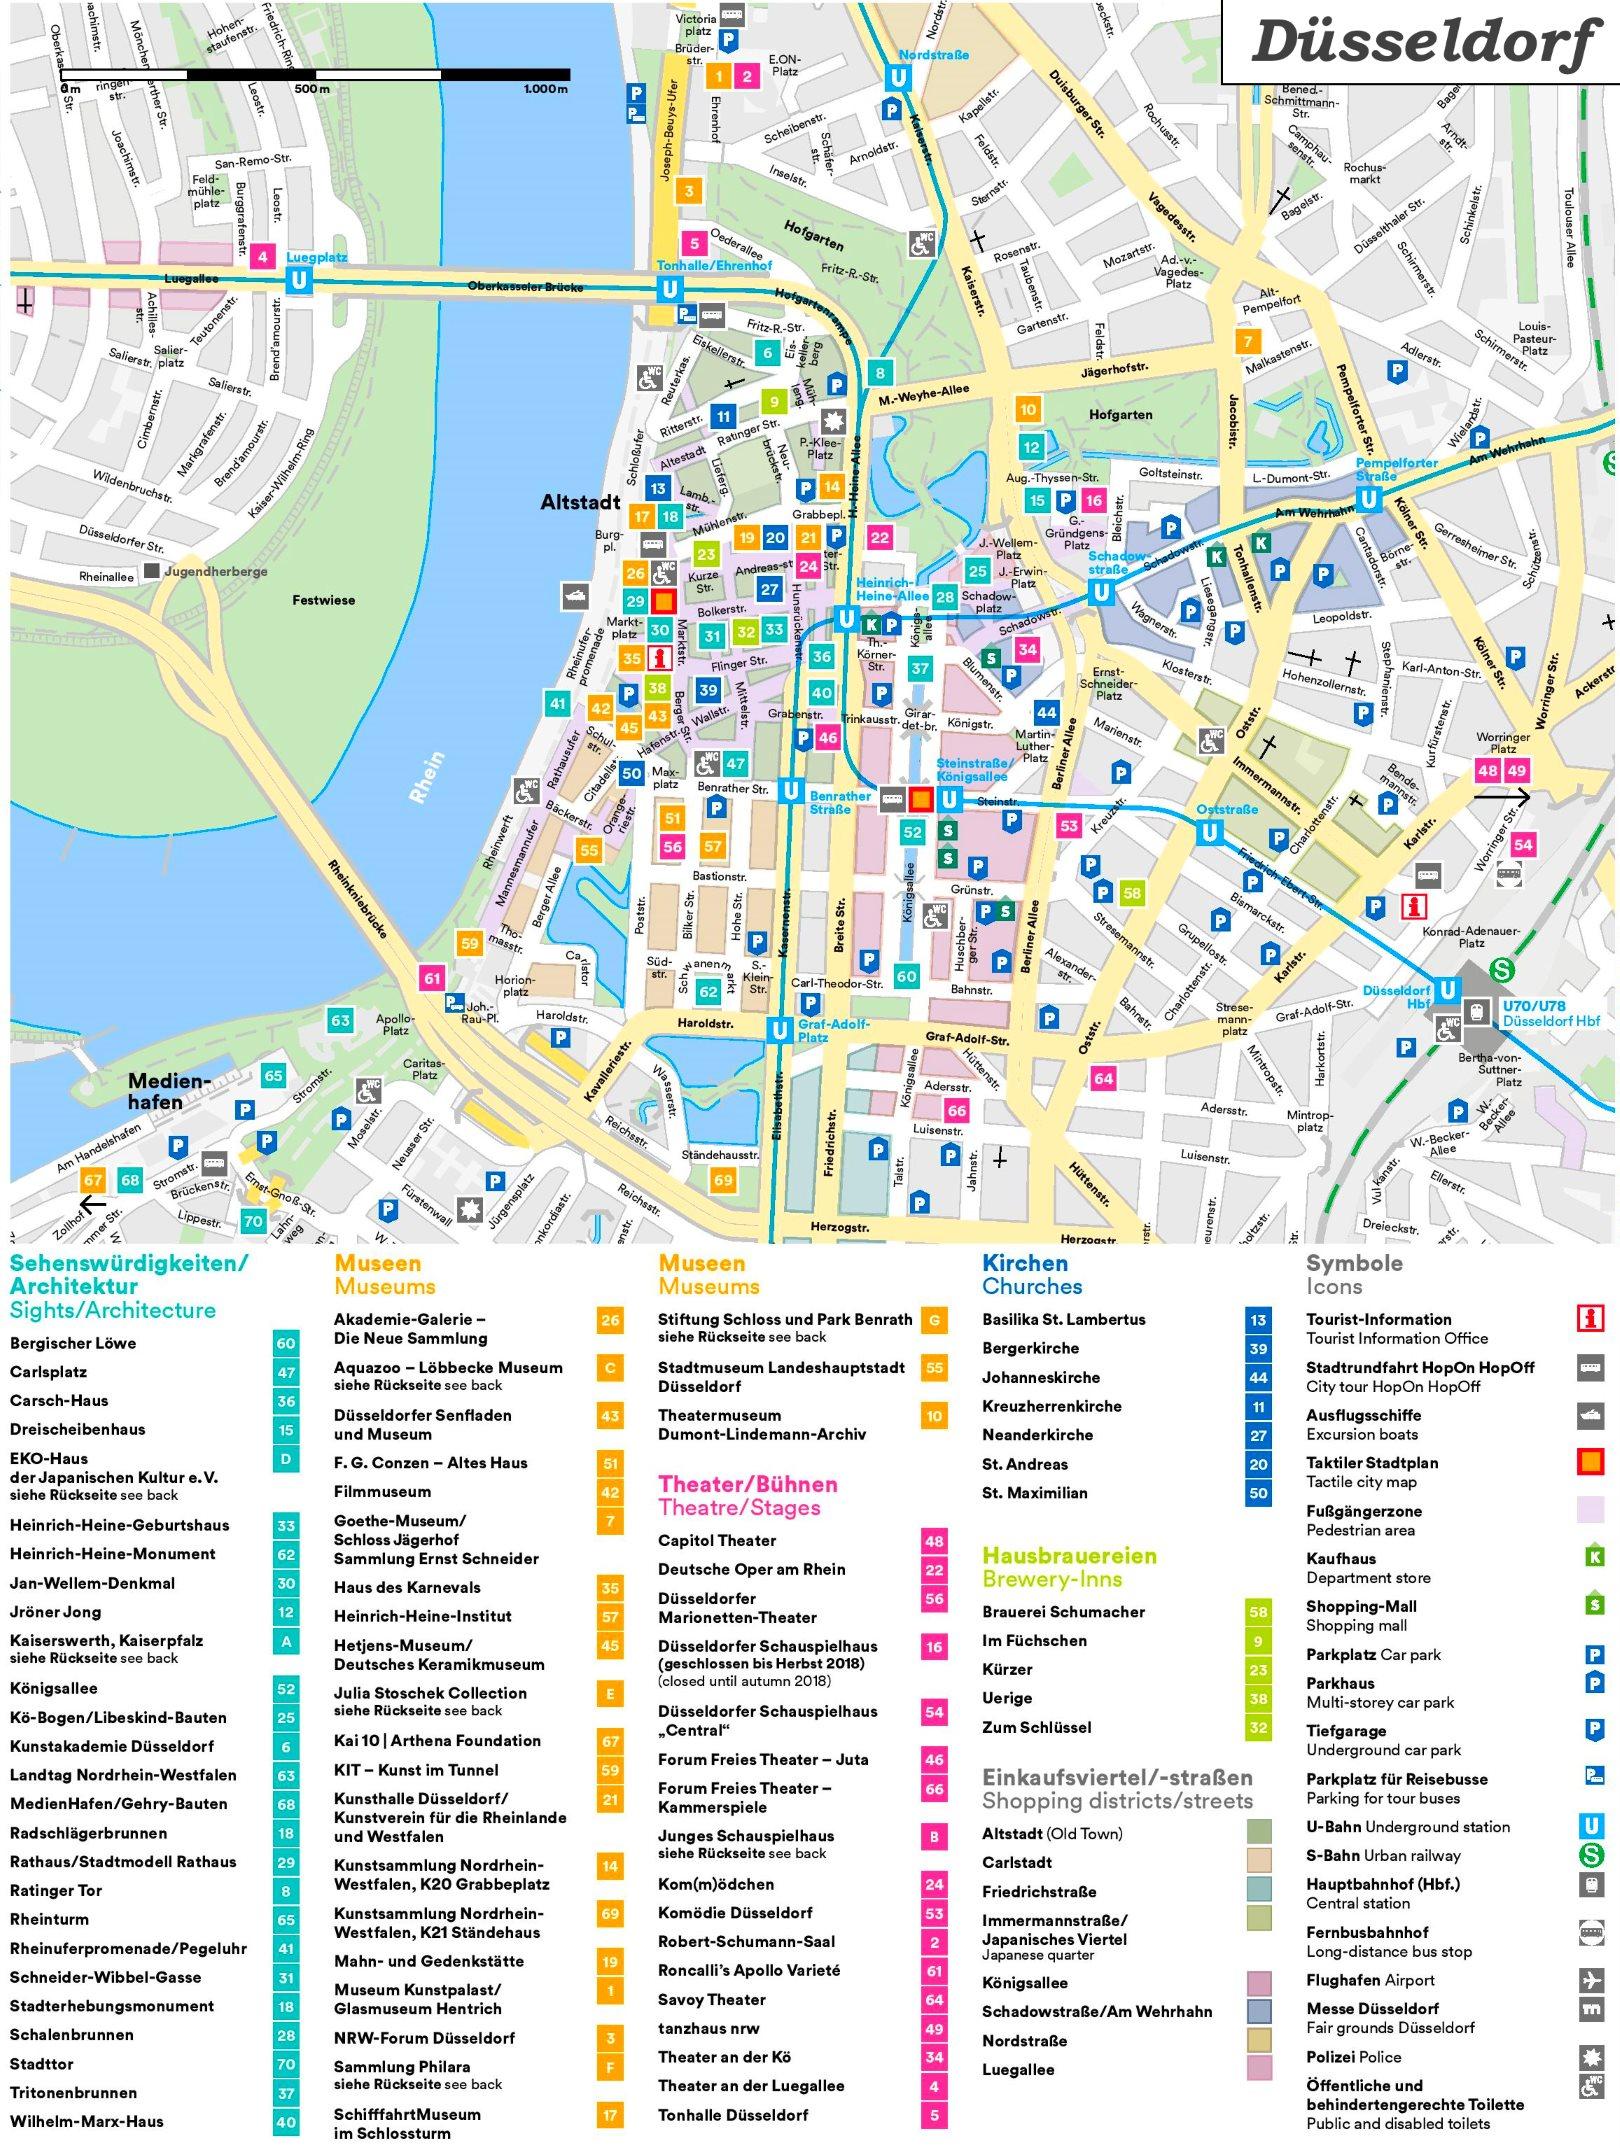 düsseldorf sehenswürdigkeiten karte Touristischer stadtplan von Düsseldorf